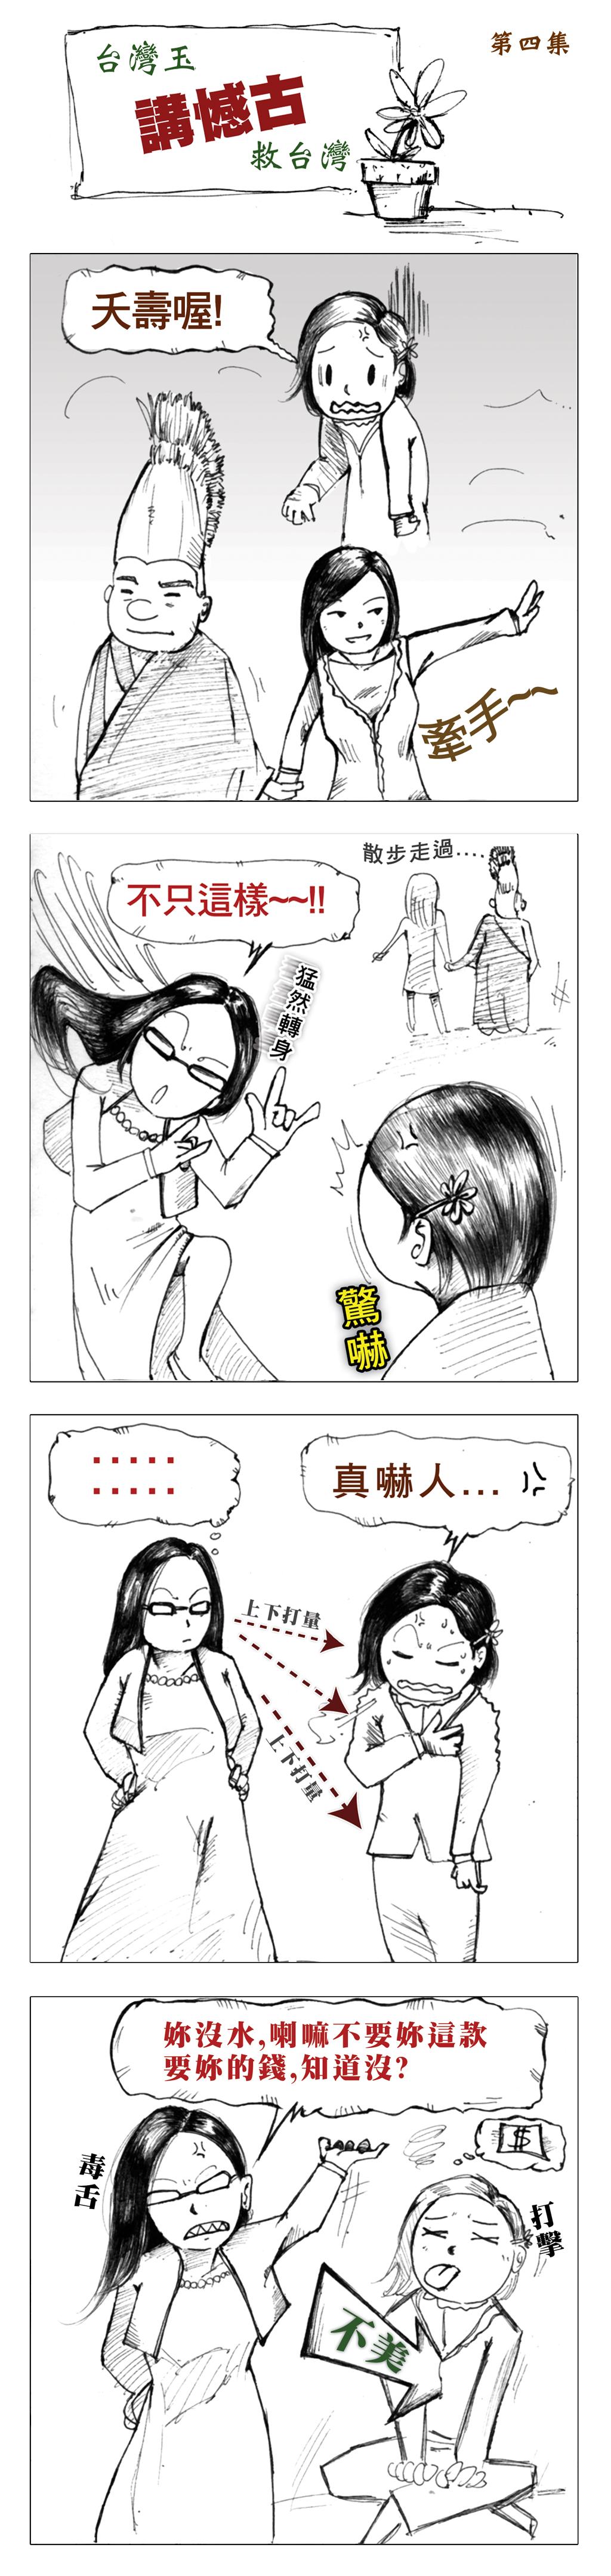 漫畫第四集